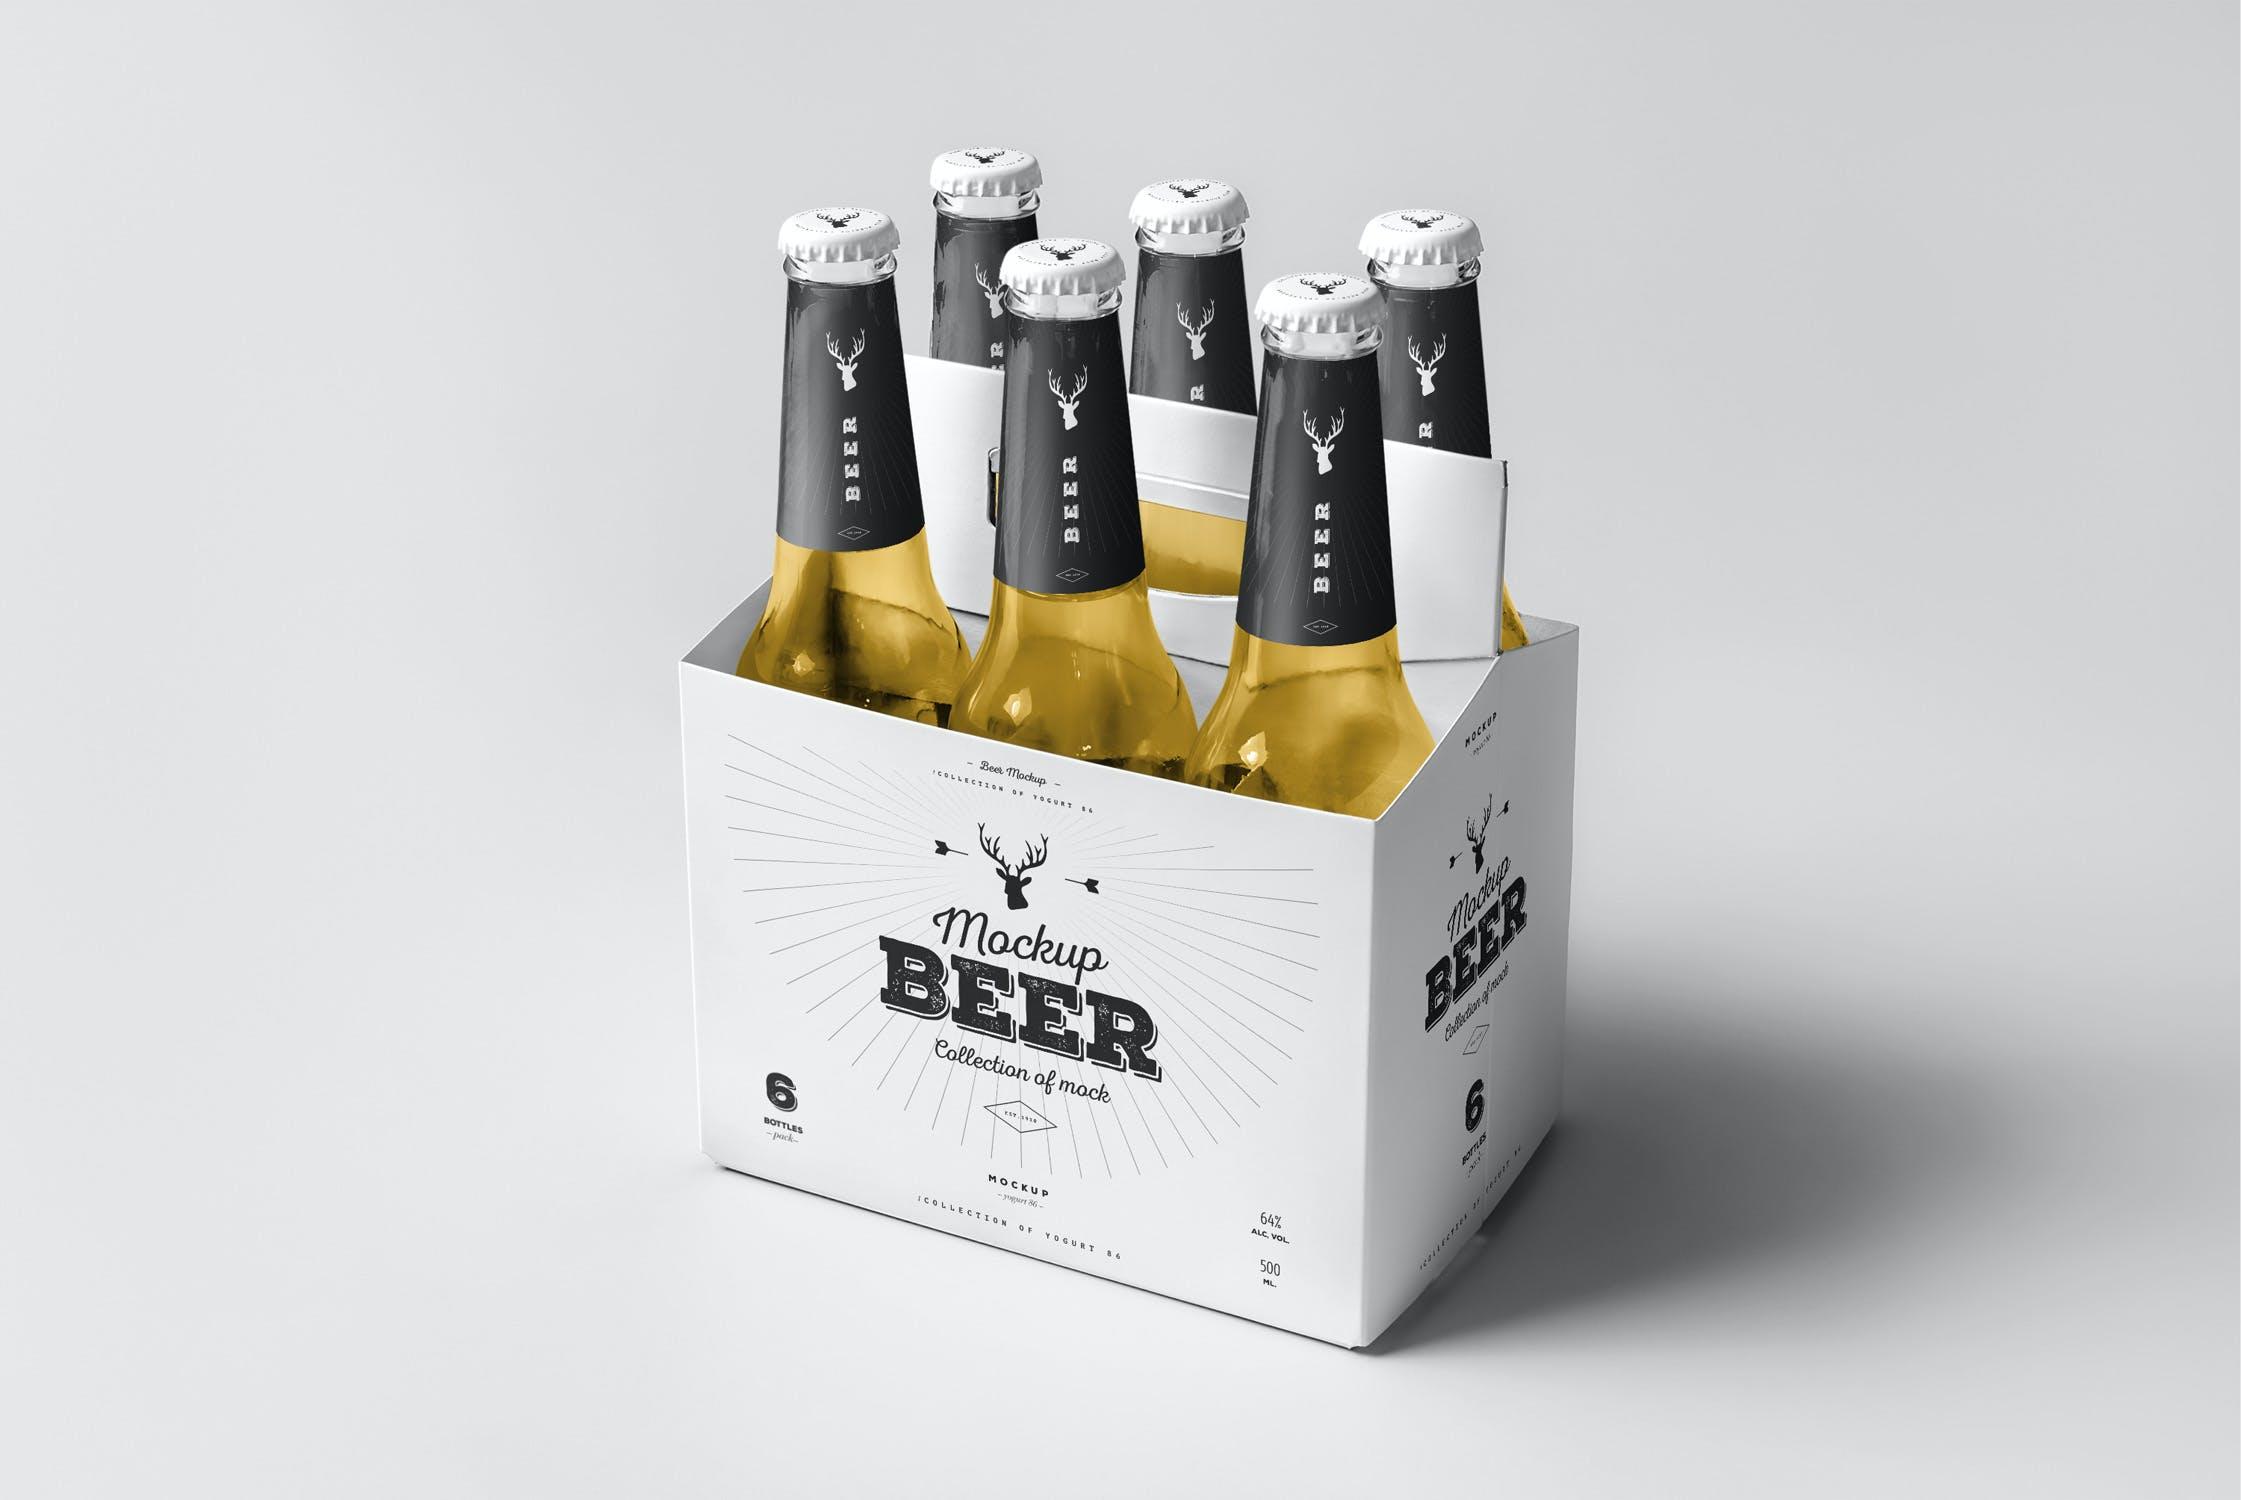 7款啤酒玻璃瓶标签设计展示样机模板 Beer Mockup 5插图(7)